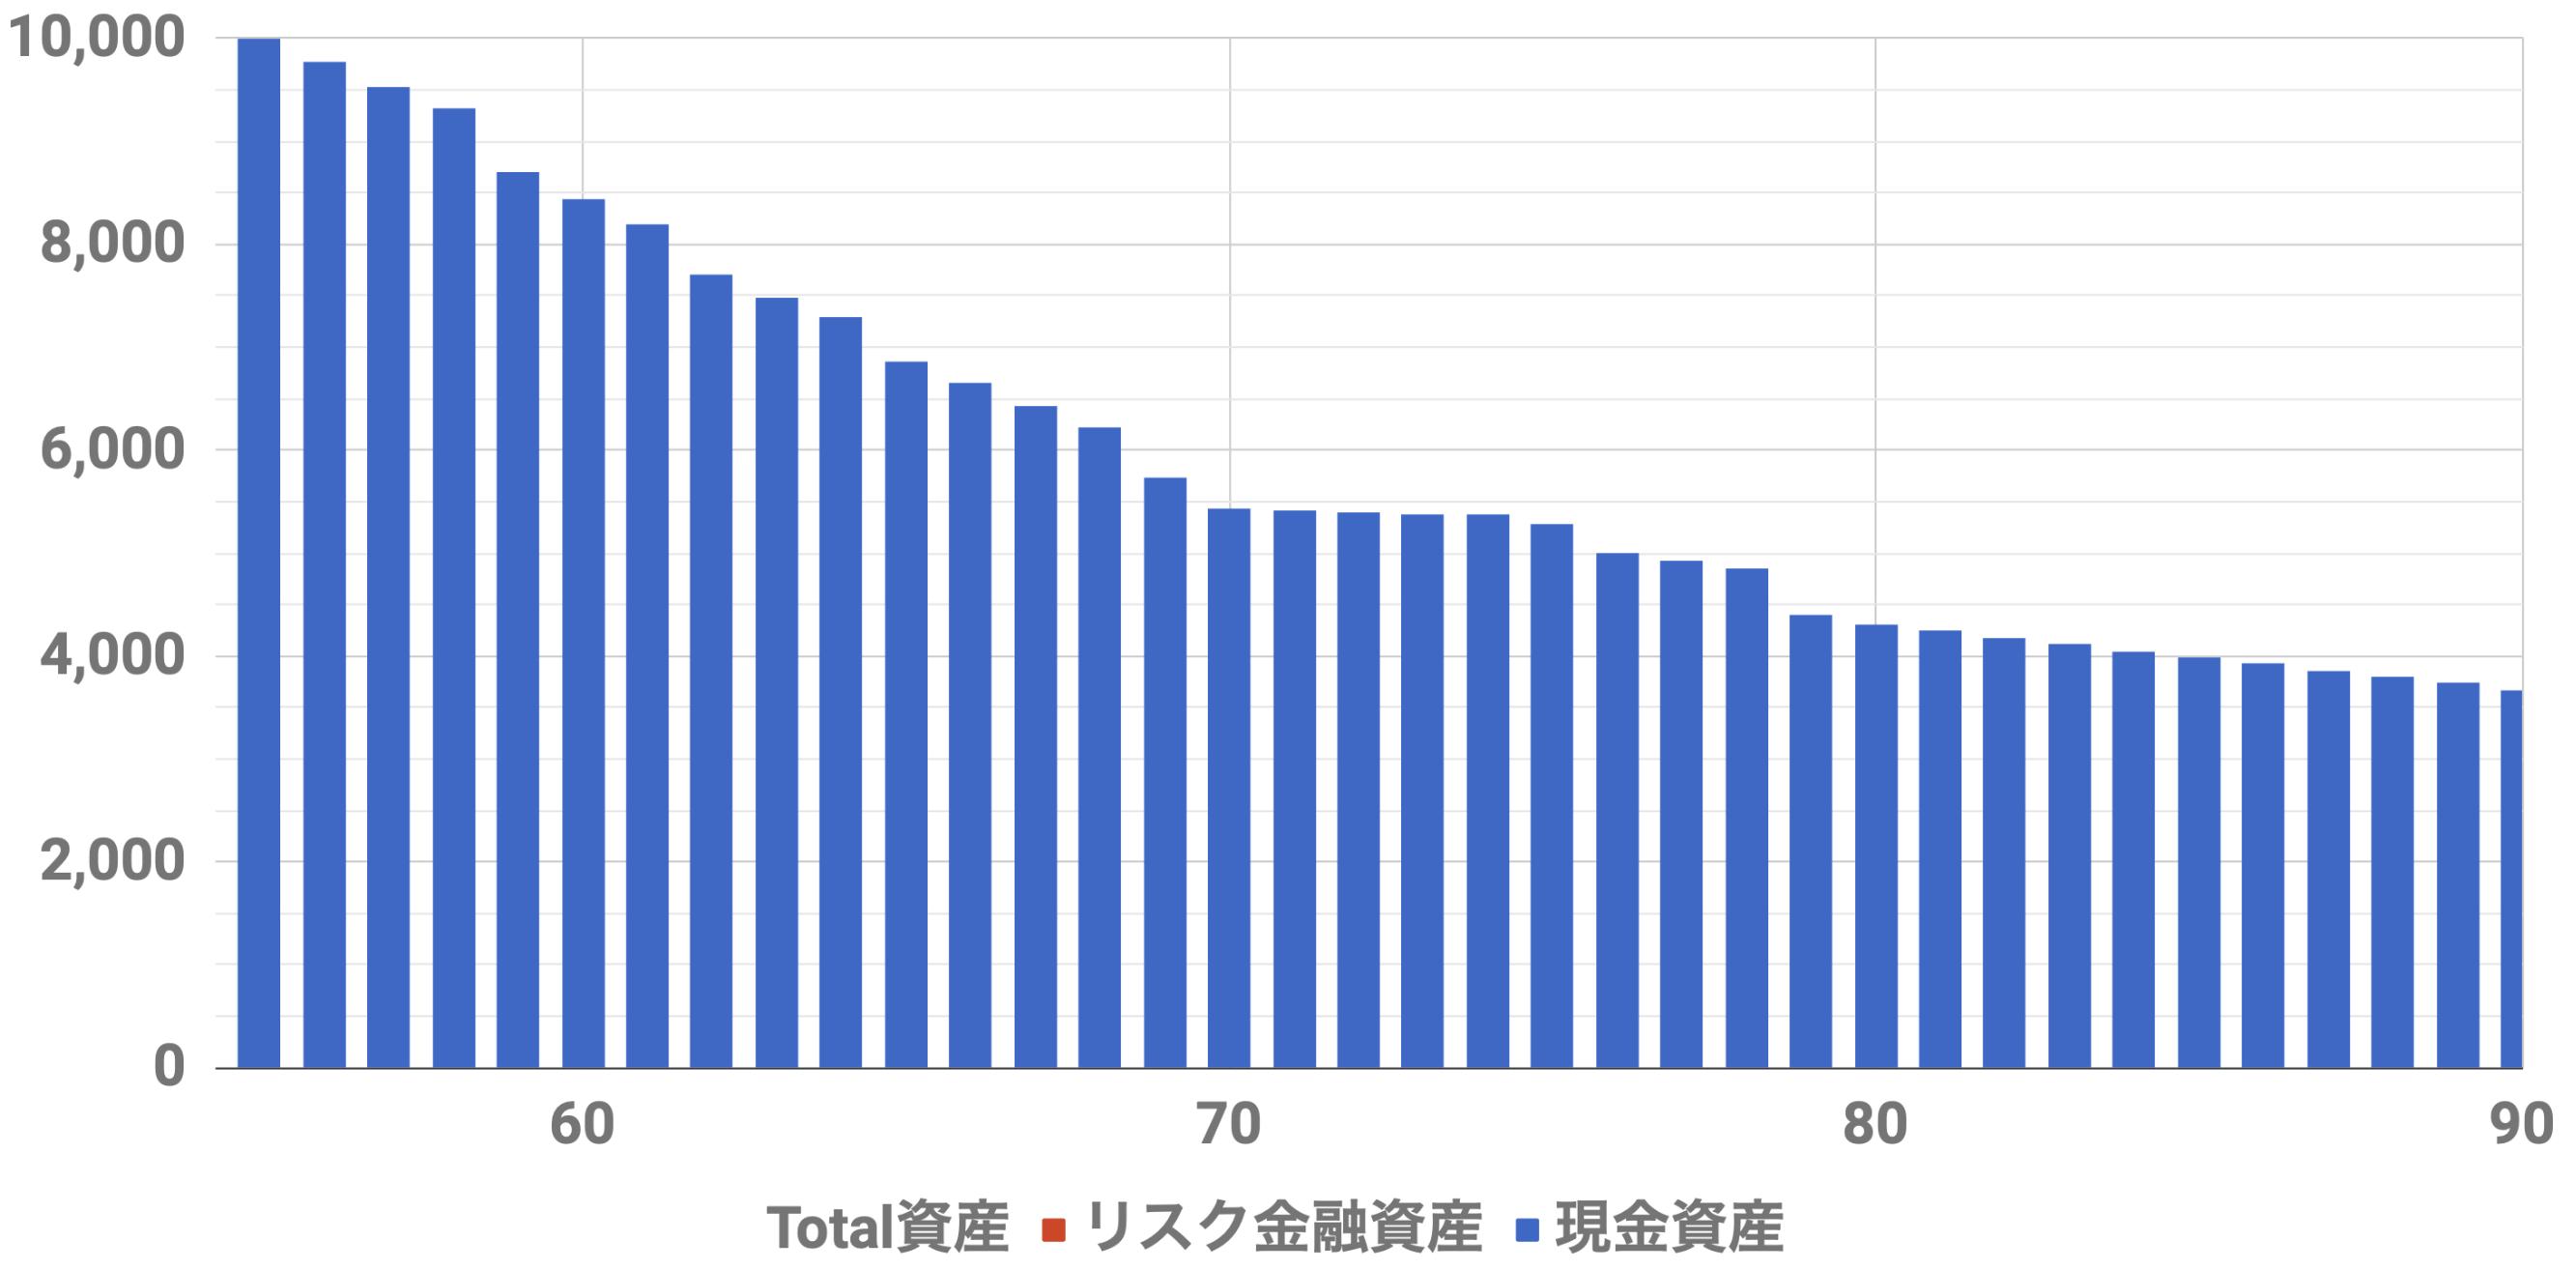 55歳1億万資産シミュレーション(Level4)